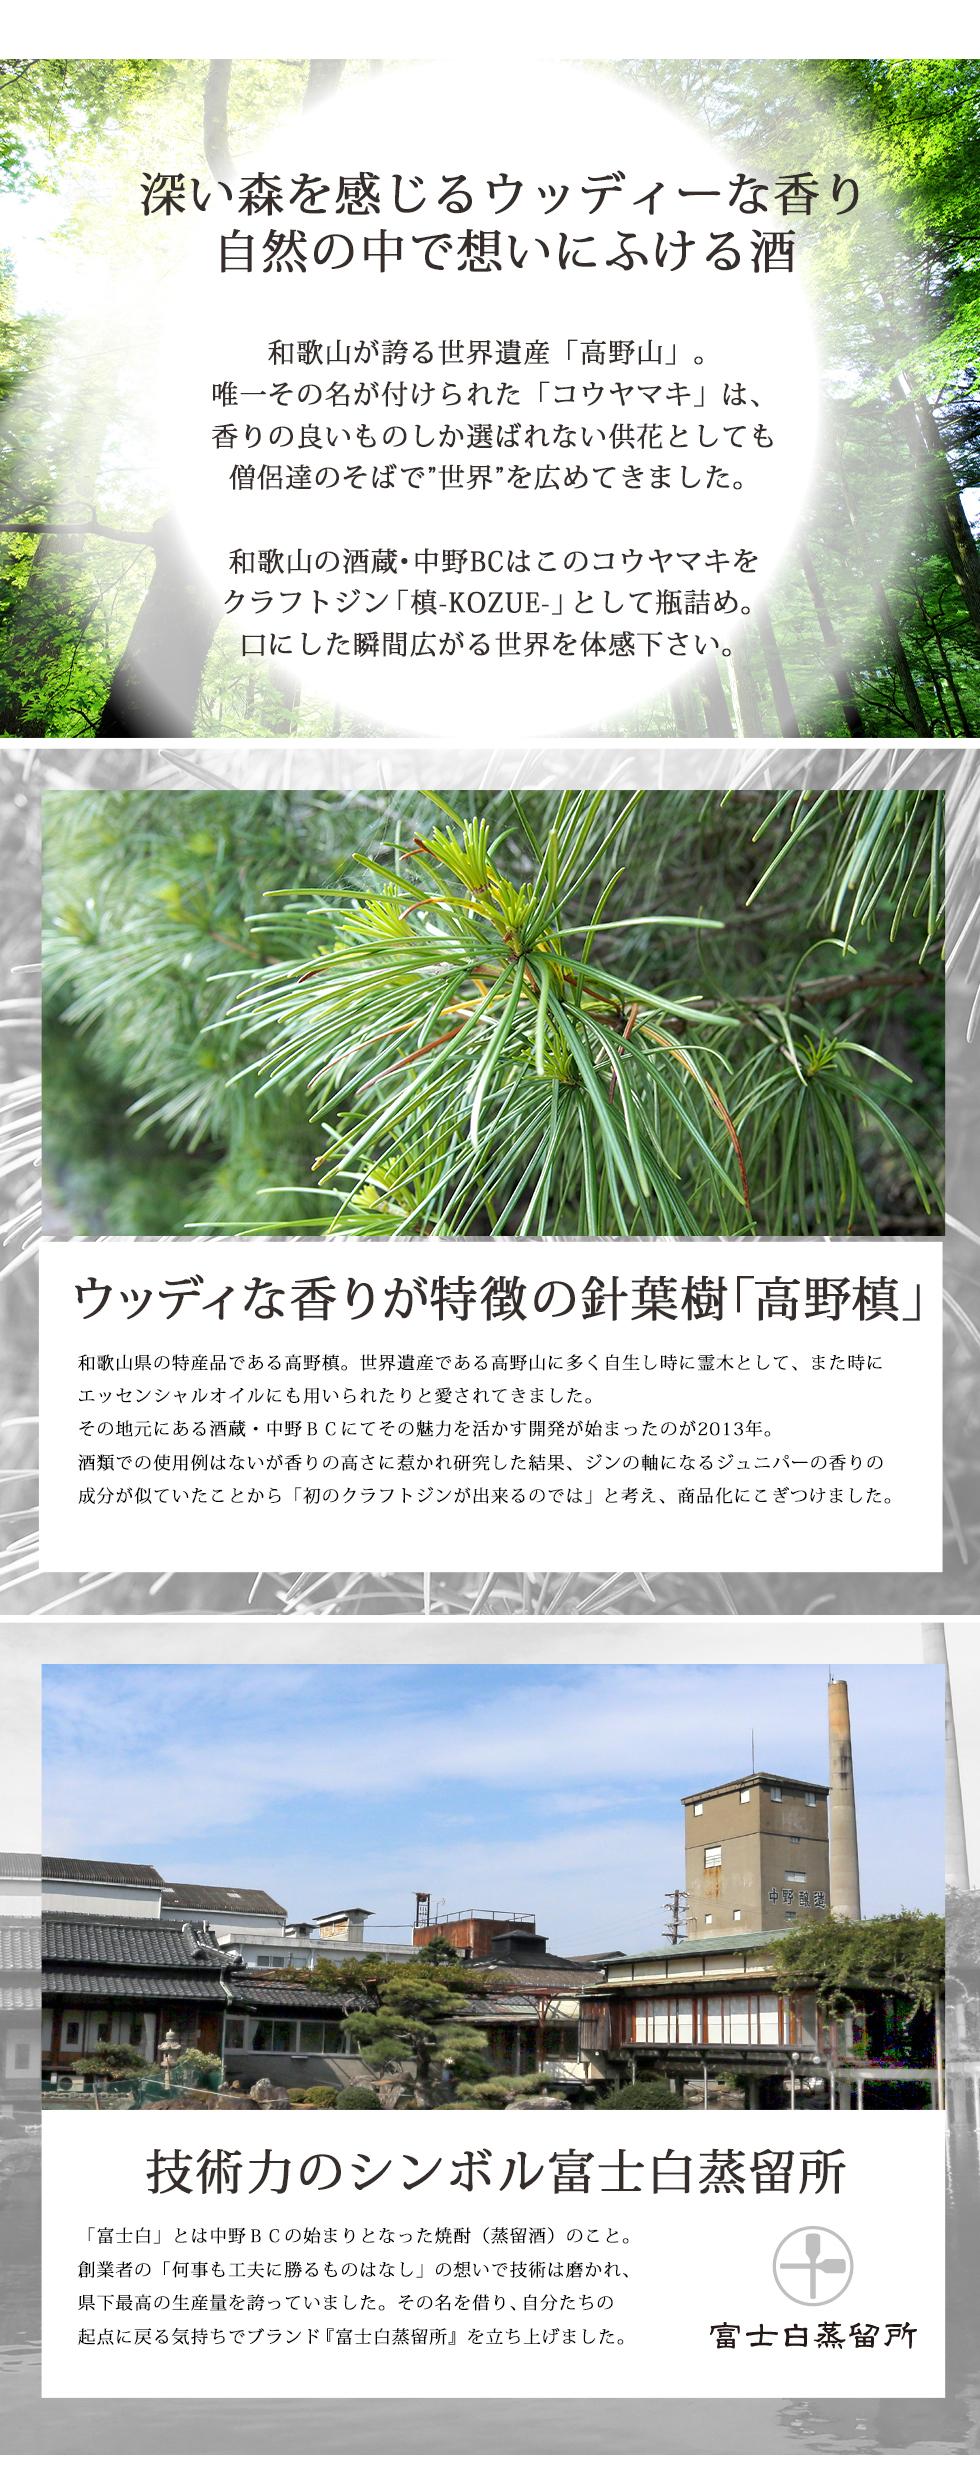 梢は針葉樹コウヤマキを使用したクラフトジンです